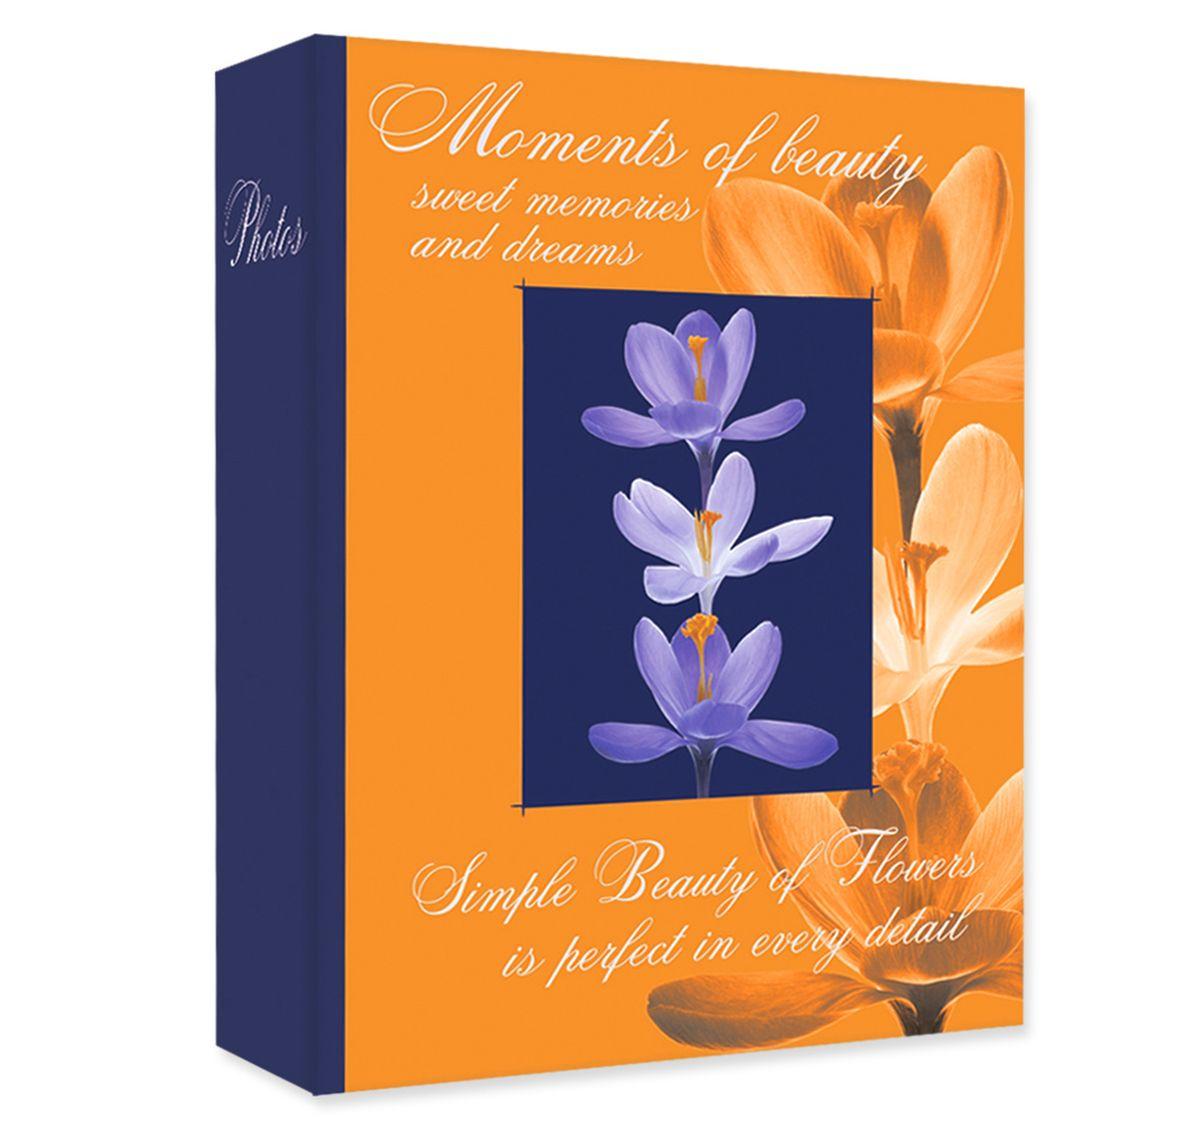 Фотоальбом Pioneer Fresh Aroma, 100 фотографий, цвет: оранжевый, 10 х 15 см46297 PP-46100Альбом для фотографий формата 10х15 см. Тип обложки: ламинированный картон. Тип листов: полипропиленовые. Тип переплета: высокочастотная сварка. Кол-во фотографий: 100. Материалы, использованные в изготовлении альбома, обеспечивают высокое качество хранения Ваших фотографий, поэтому фотографии не желтеют со временем.